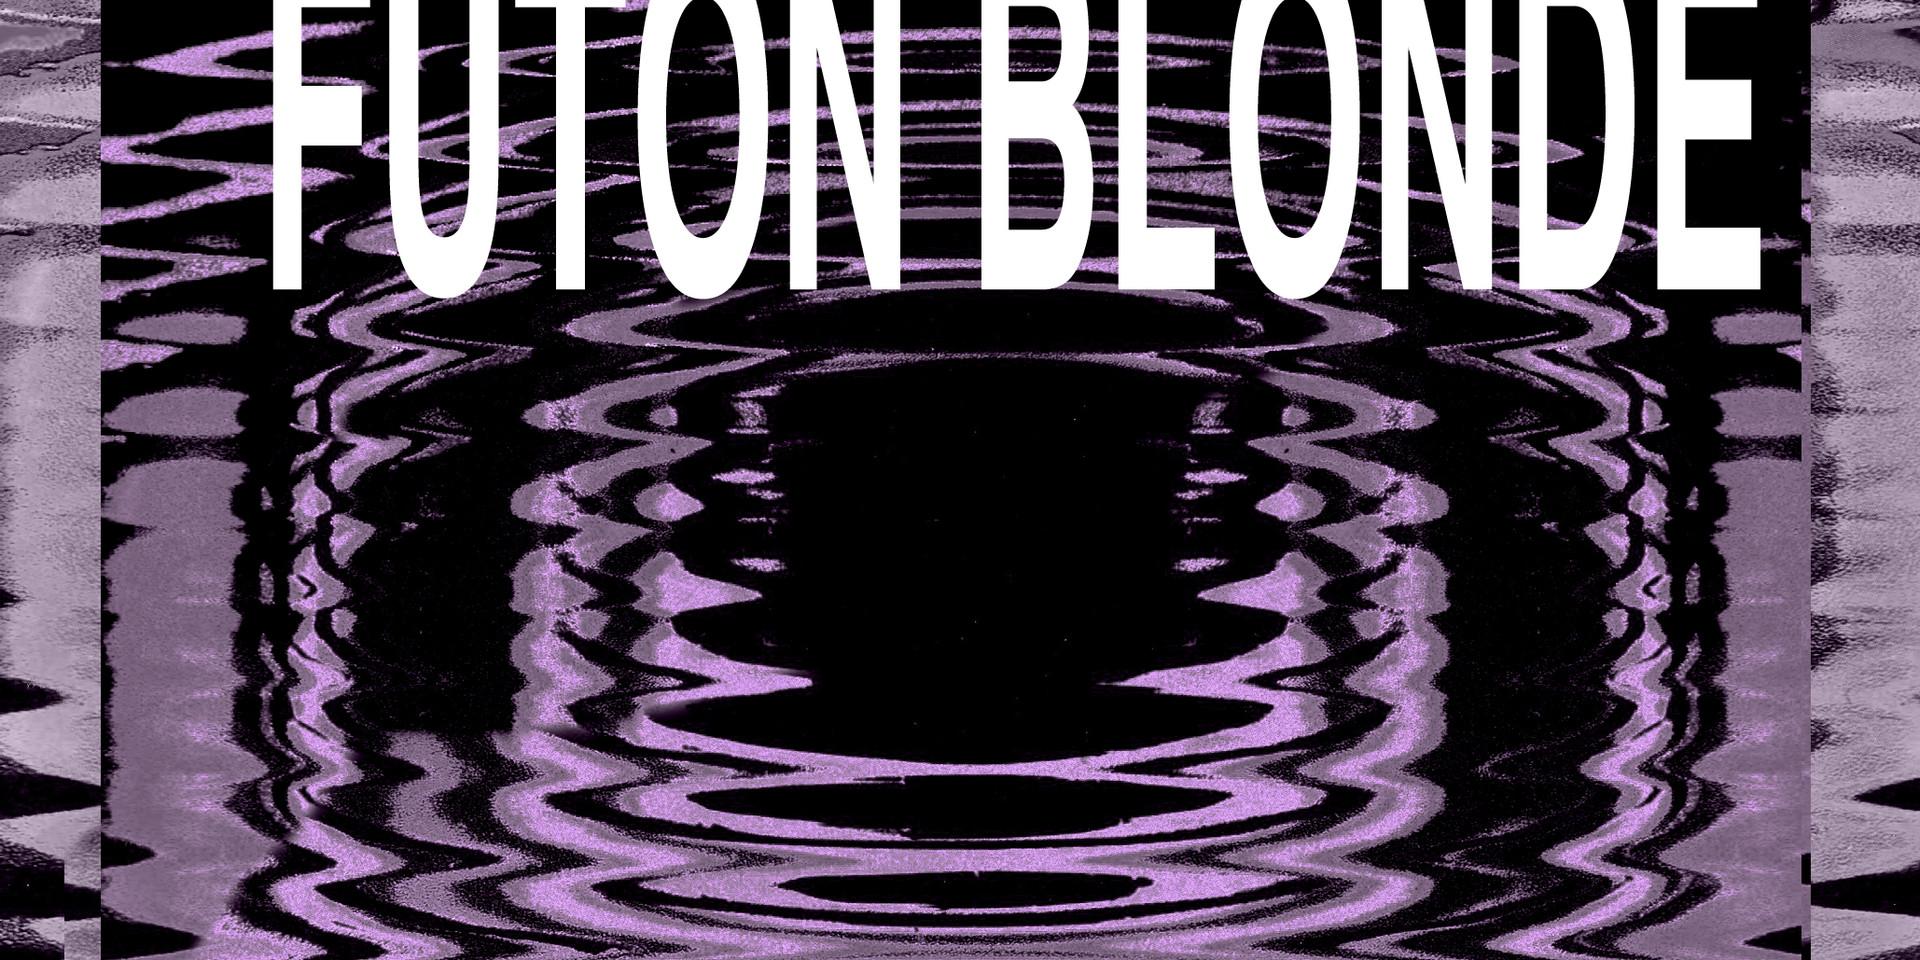 Futon Blonde No Ones Going Home.jpg